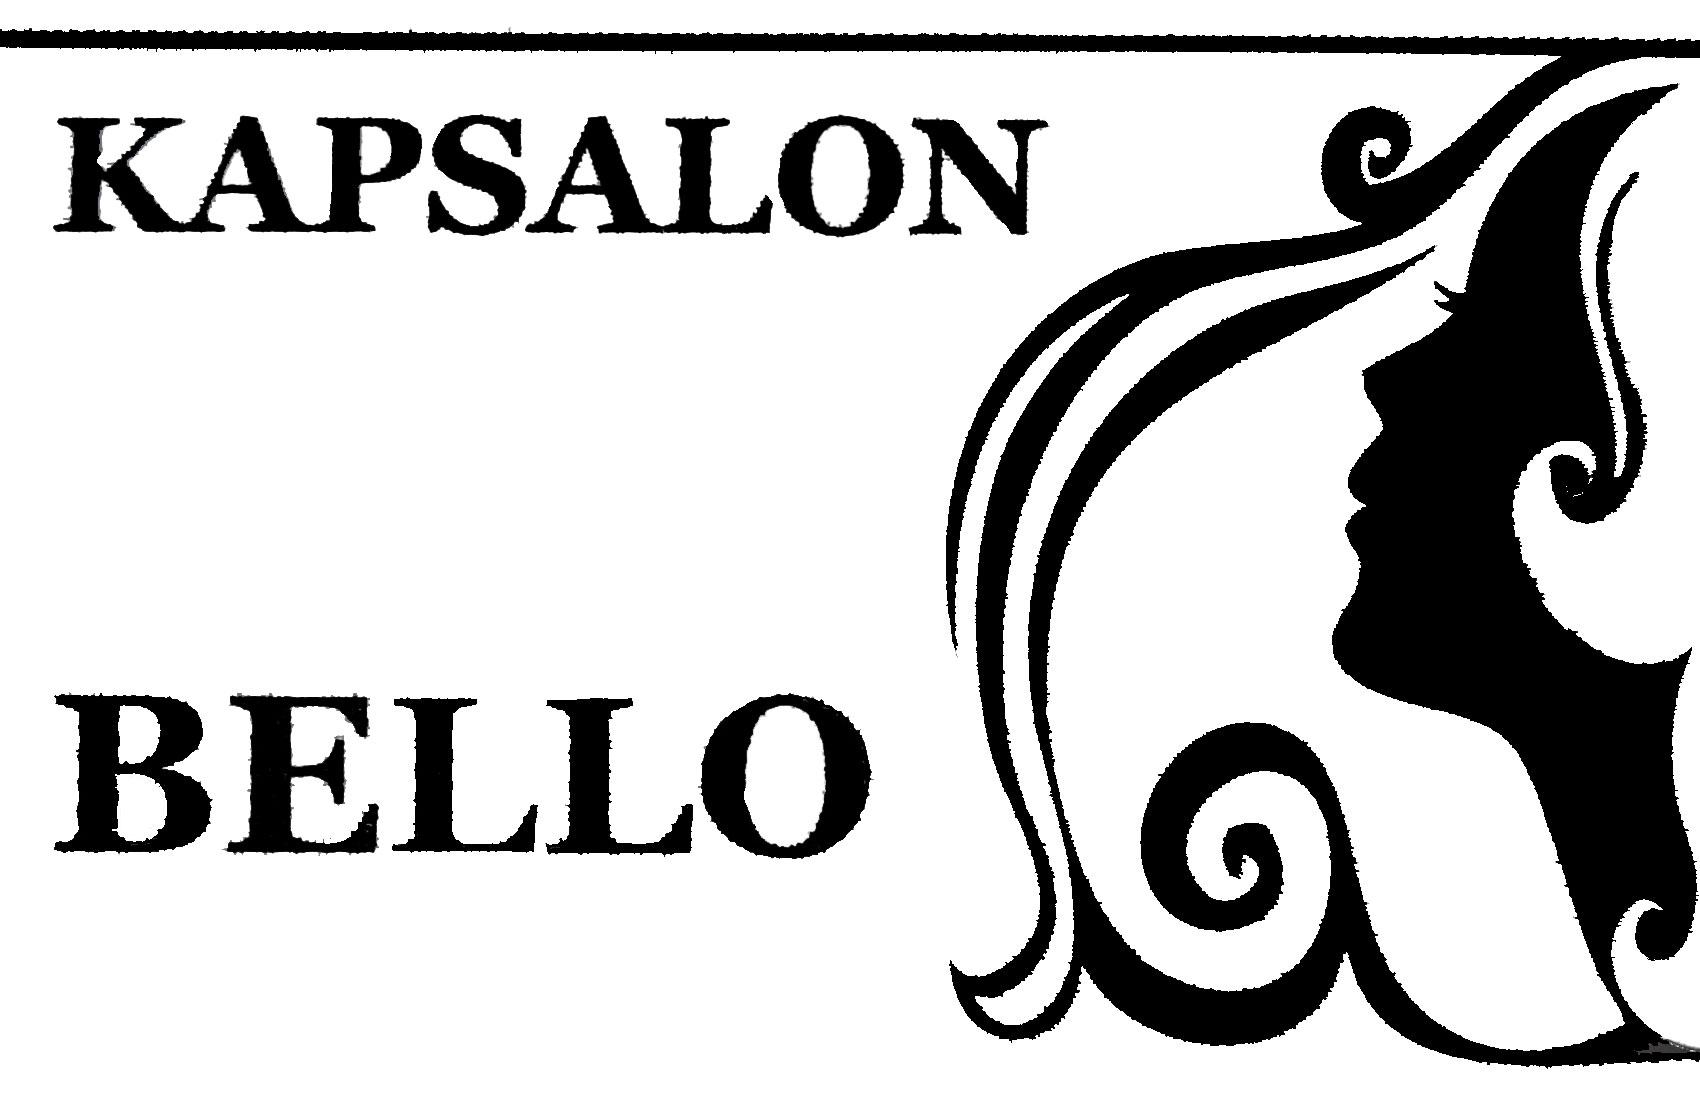 Bello Kapsalon